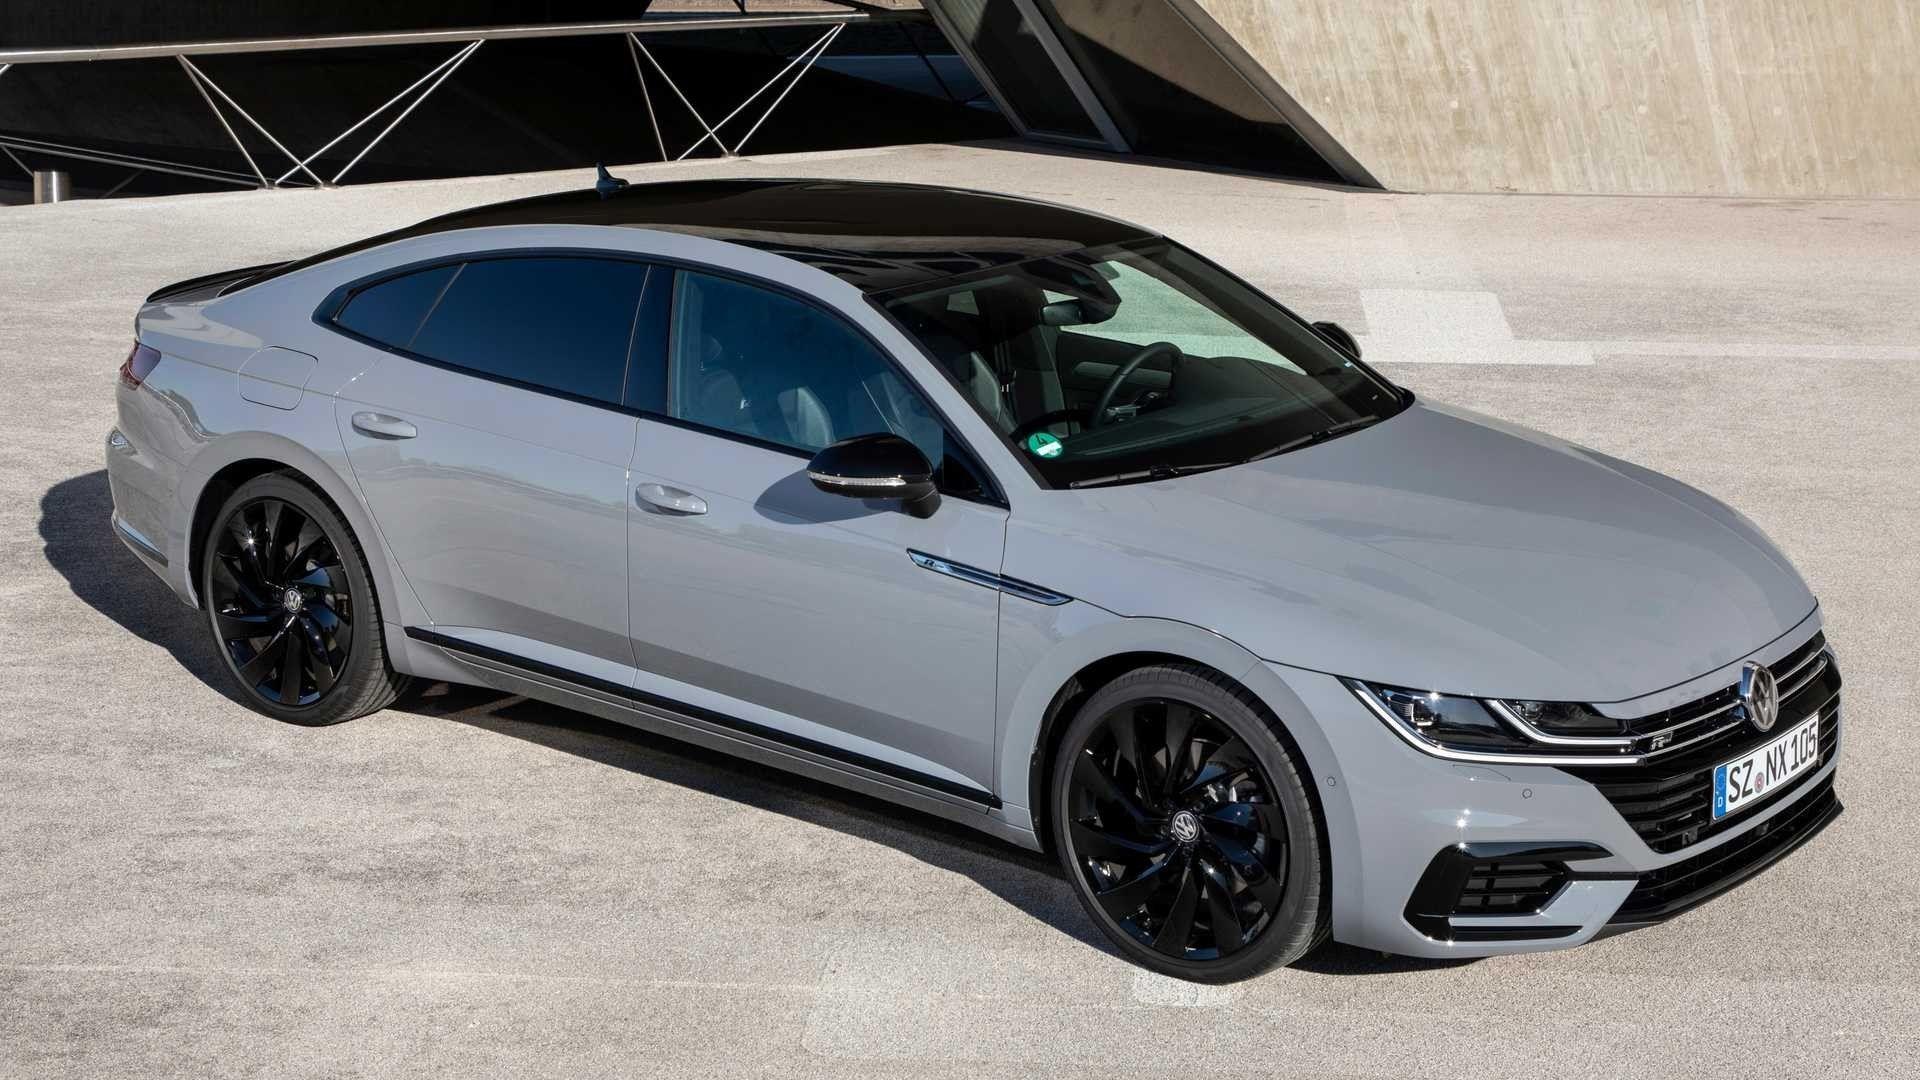 Volkswagen Arteon 2020 Price And Release Date In 2020 Volkswagen Car New Cars